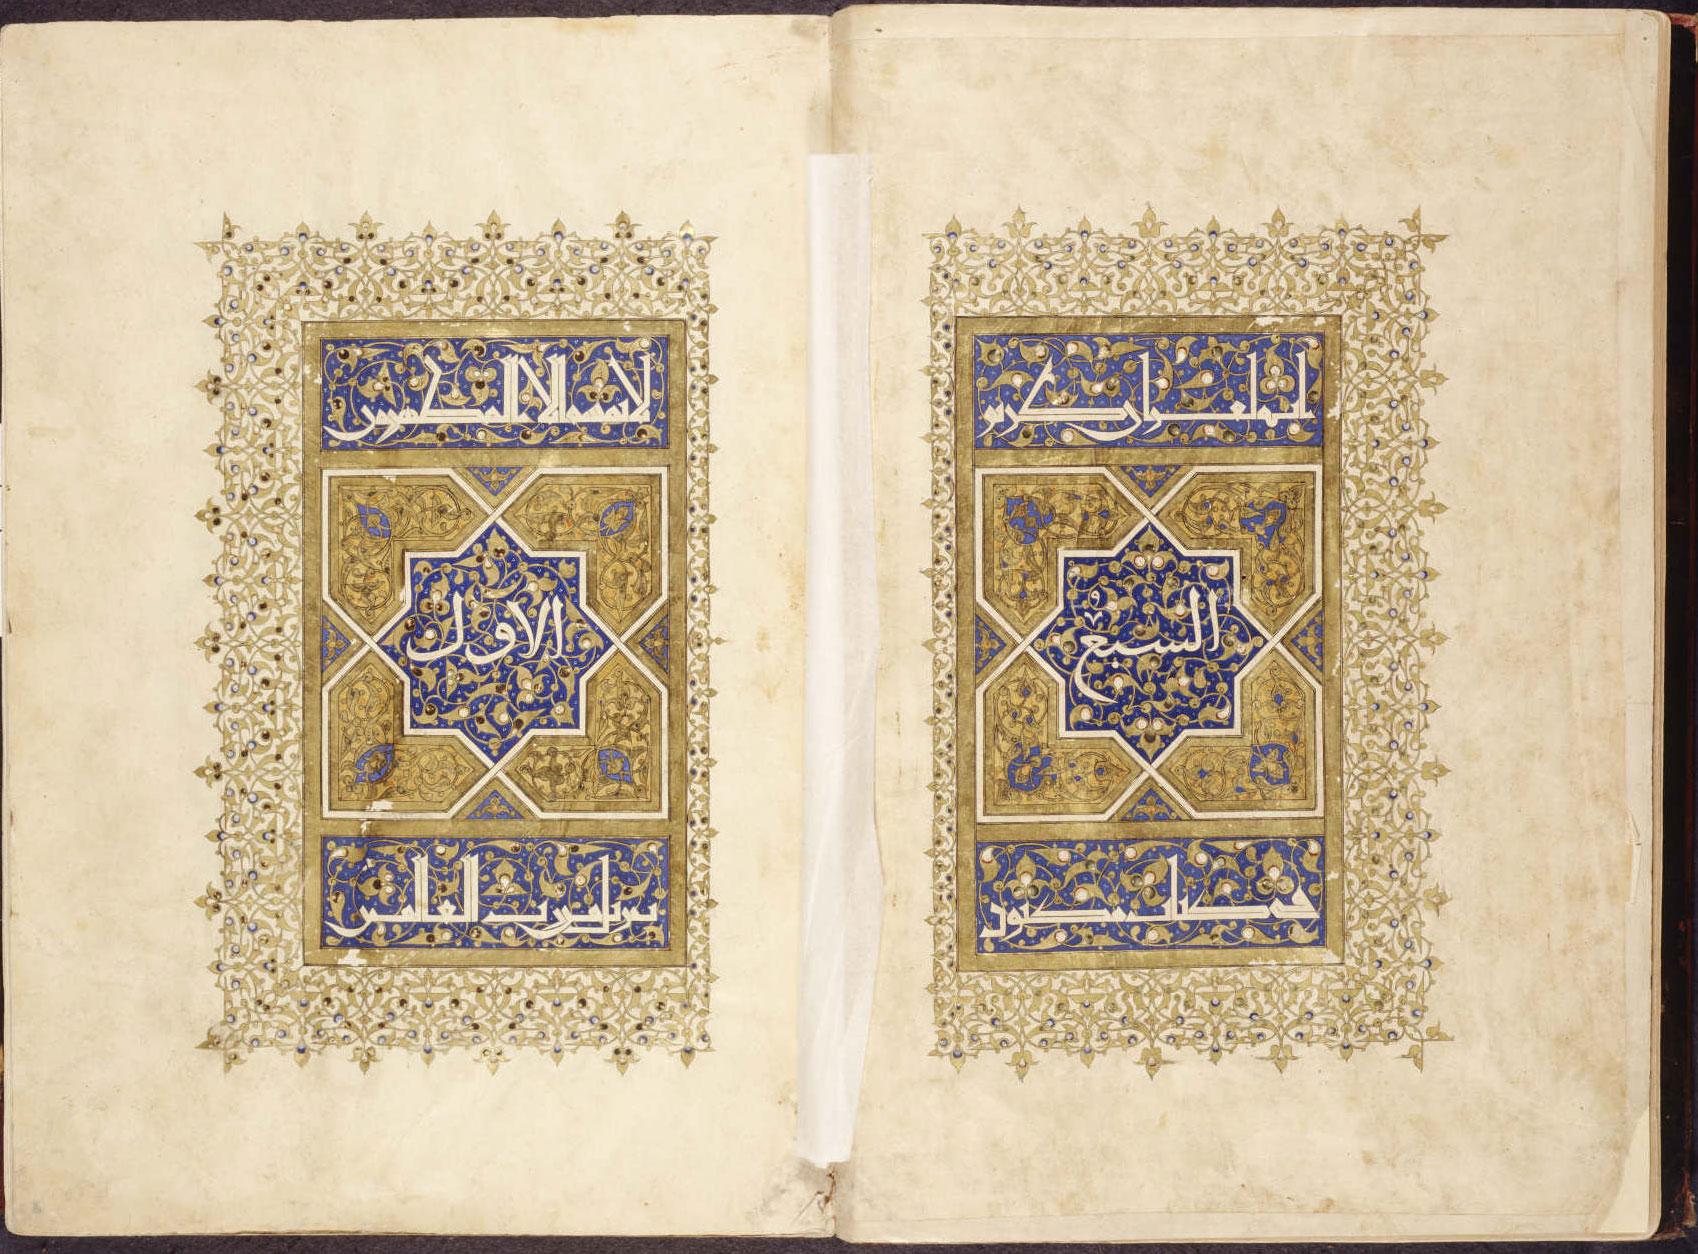 Sultan Baybars' Qur'an, f.1v-2